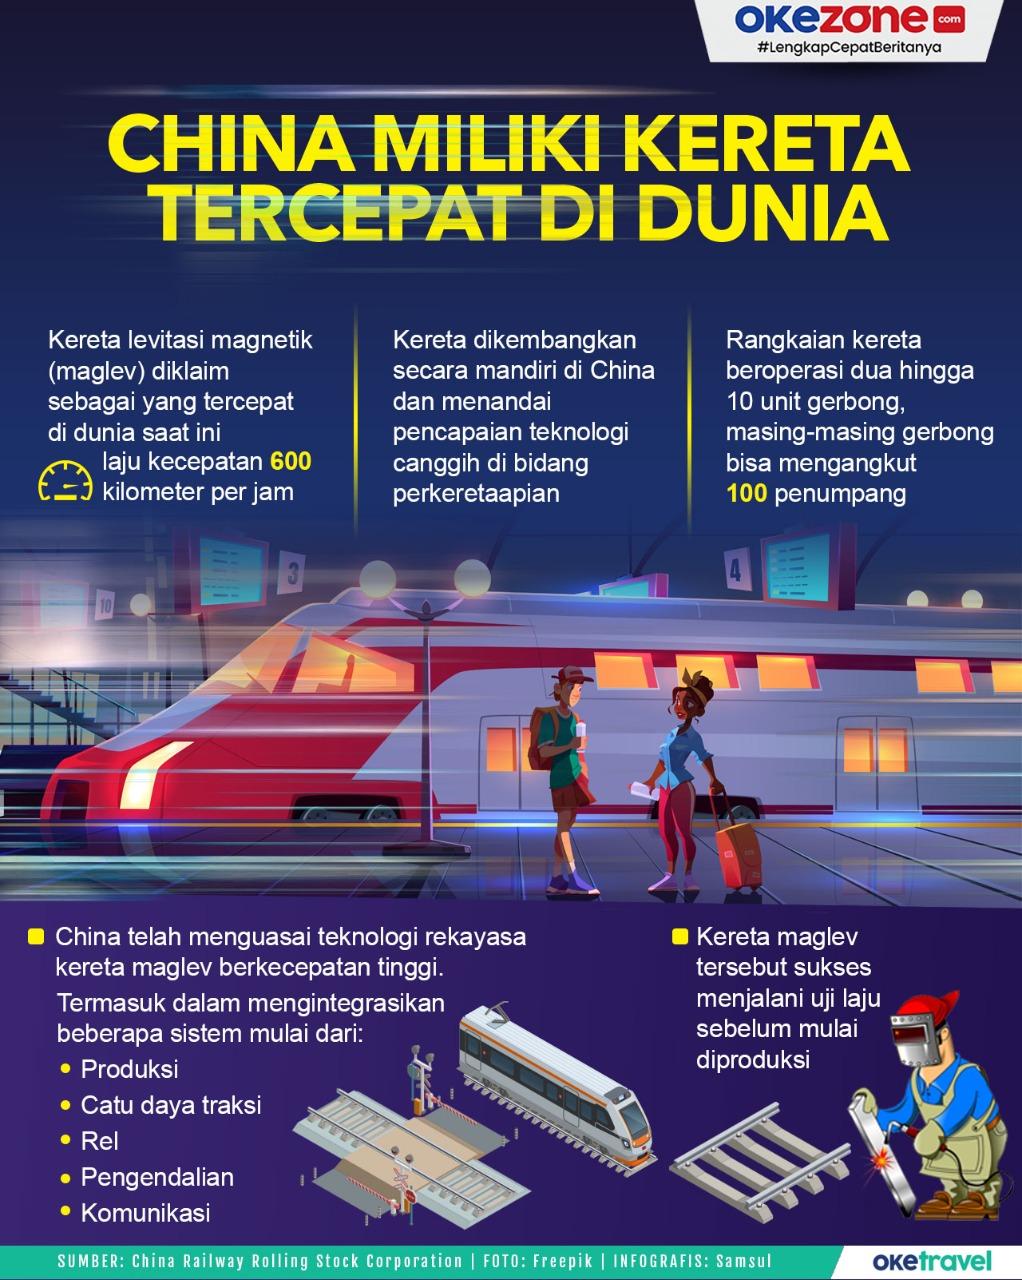 China Miliki Kereta Tercepat di Dunia -